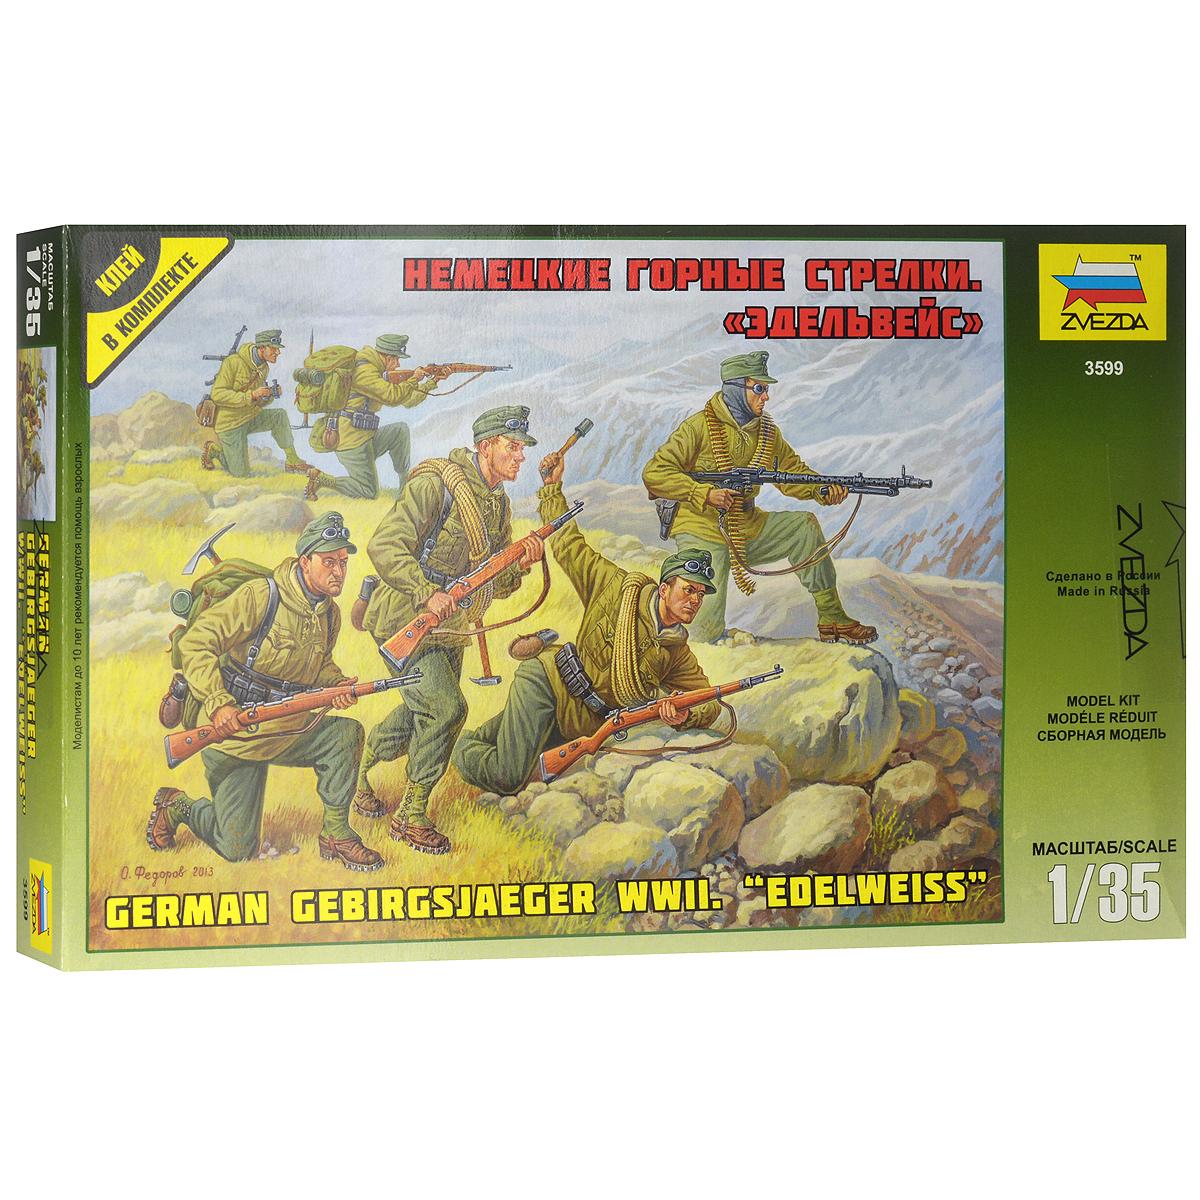 Немецкие горные стрелки Эдельвейс. Набор миниатюр3599С помощью набора миниатюр Немецкие горные стрелки Эдельвейс вы сможете окунуться в исторические события Великой Отечественной войны 1941-1945 г. Во время Второй Мировой Войны немецкие горные стрелки зарекомендовали себя как первоклассные солдаты. Они эффективно решали боевые задачи не только в горах, но и в любых других условиях. Они прошли всю войну и действовали на всех фронтах: от Норвегии до Балкан, воевали они и на восточном фронте, против Советской Армии, Самый значительный след они оставили в боевых действиях на Кавказе. Набор миниатюр развивает интеллектуальные и инструментальные способности, воображение и конструктивное мышление. Прививает практические навыки работы со схемами и чертежами. Идеально подходит для подарка! Моделистам до 10 лет при сборке модели рекомендуется помощь взрослых.